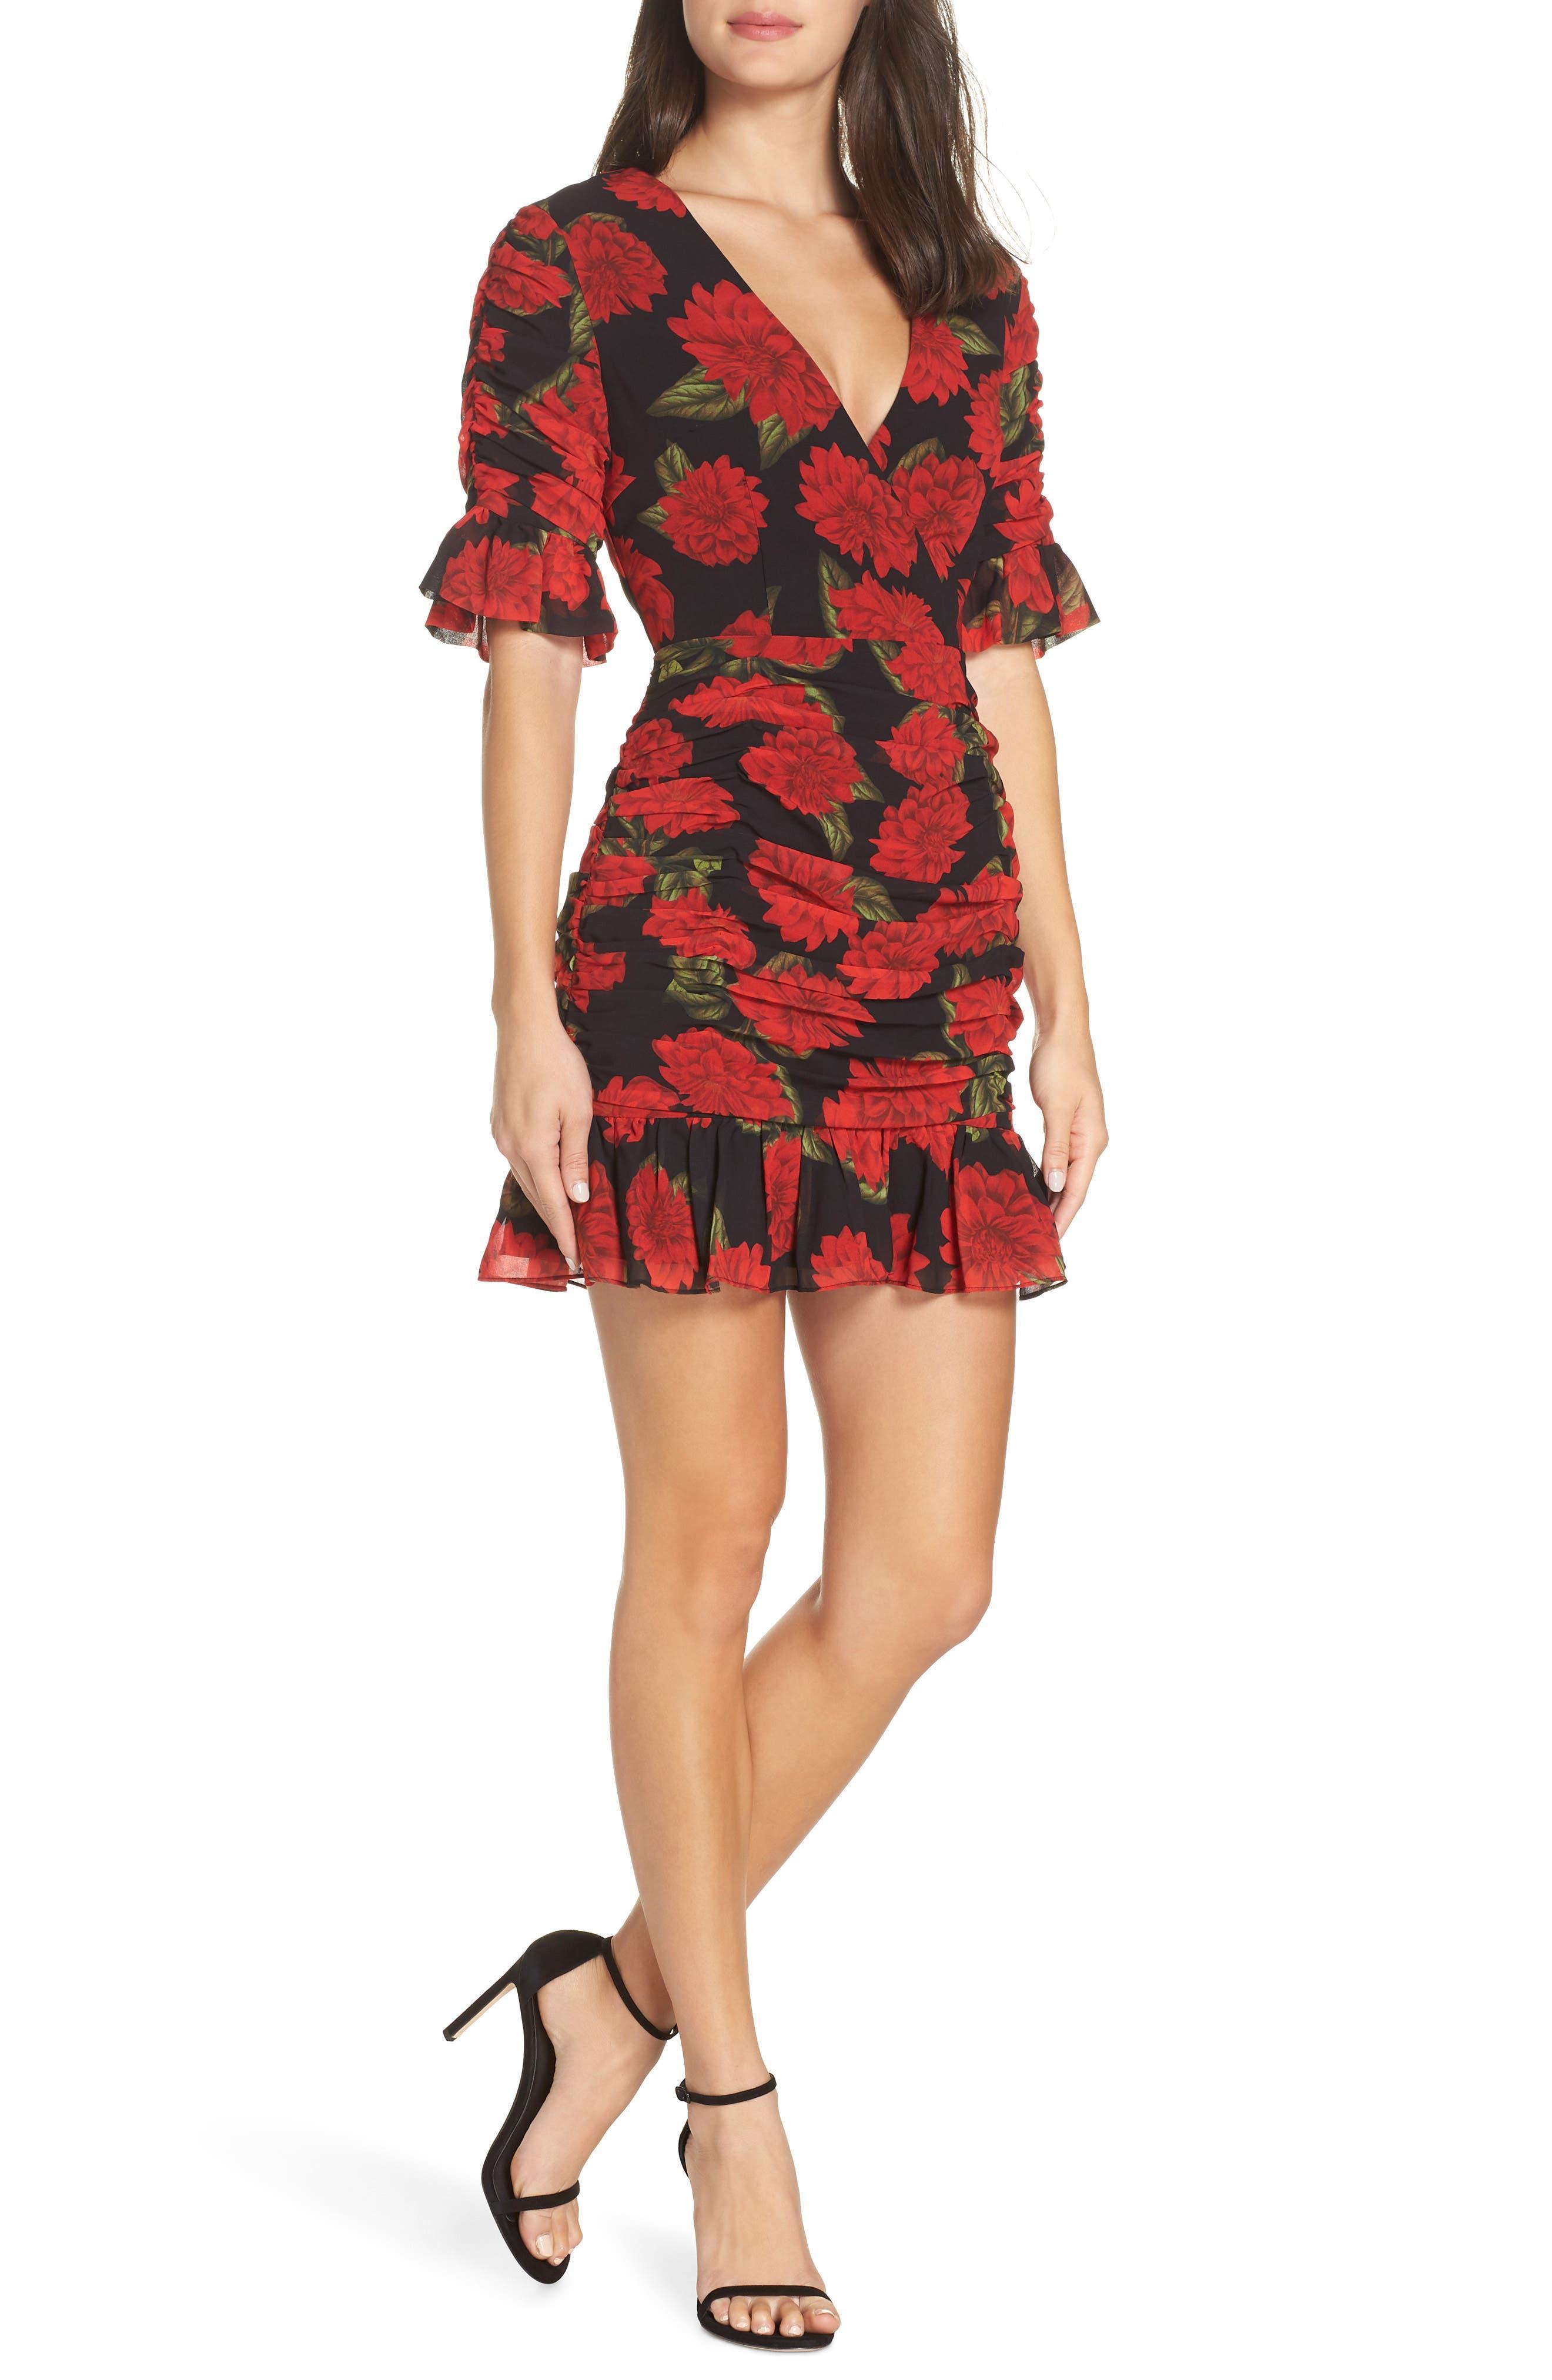 KEEPSAKE THE LABEL Find You Floral Dress, Main, color, 001